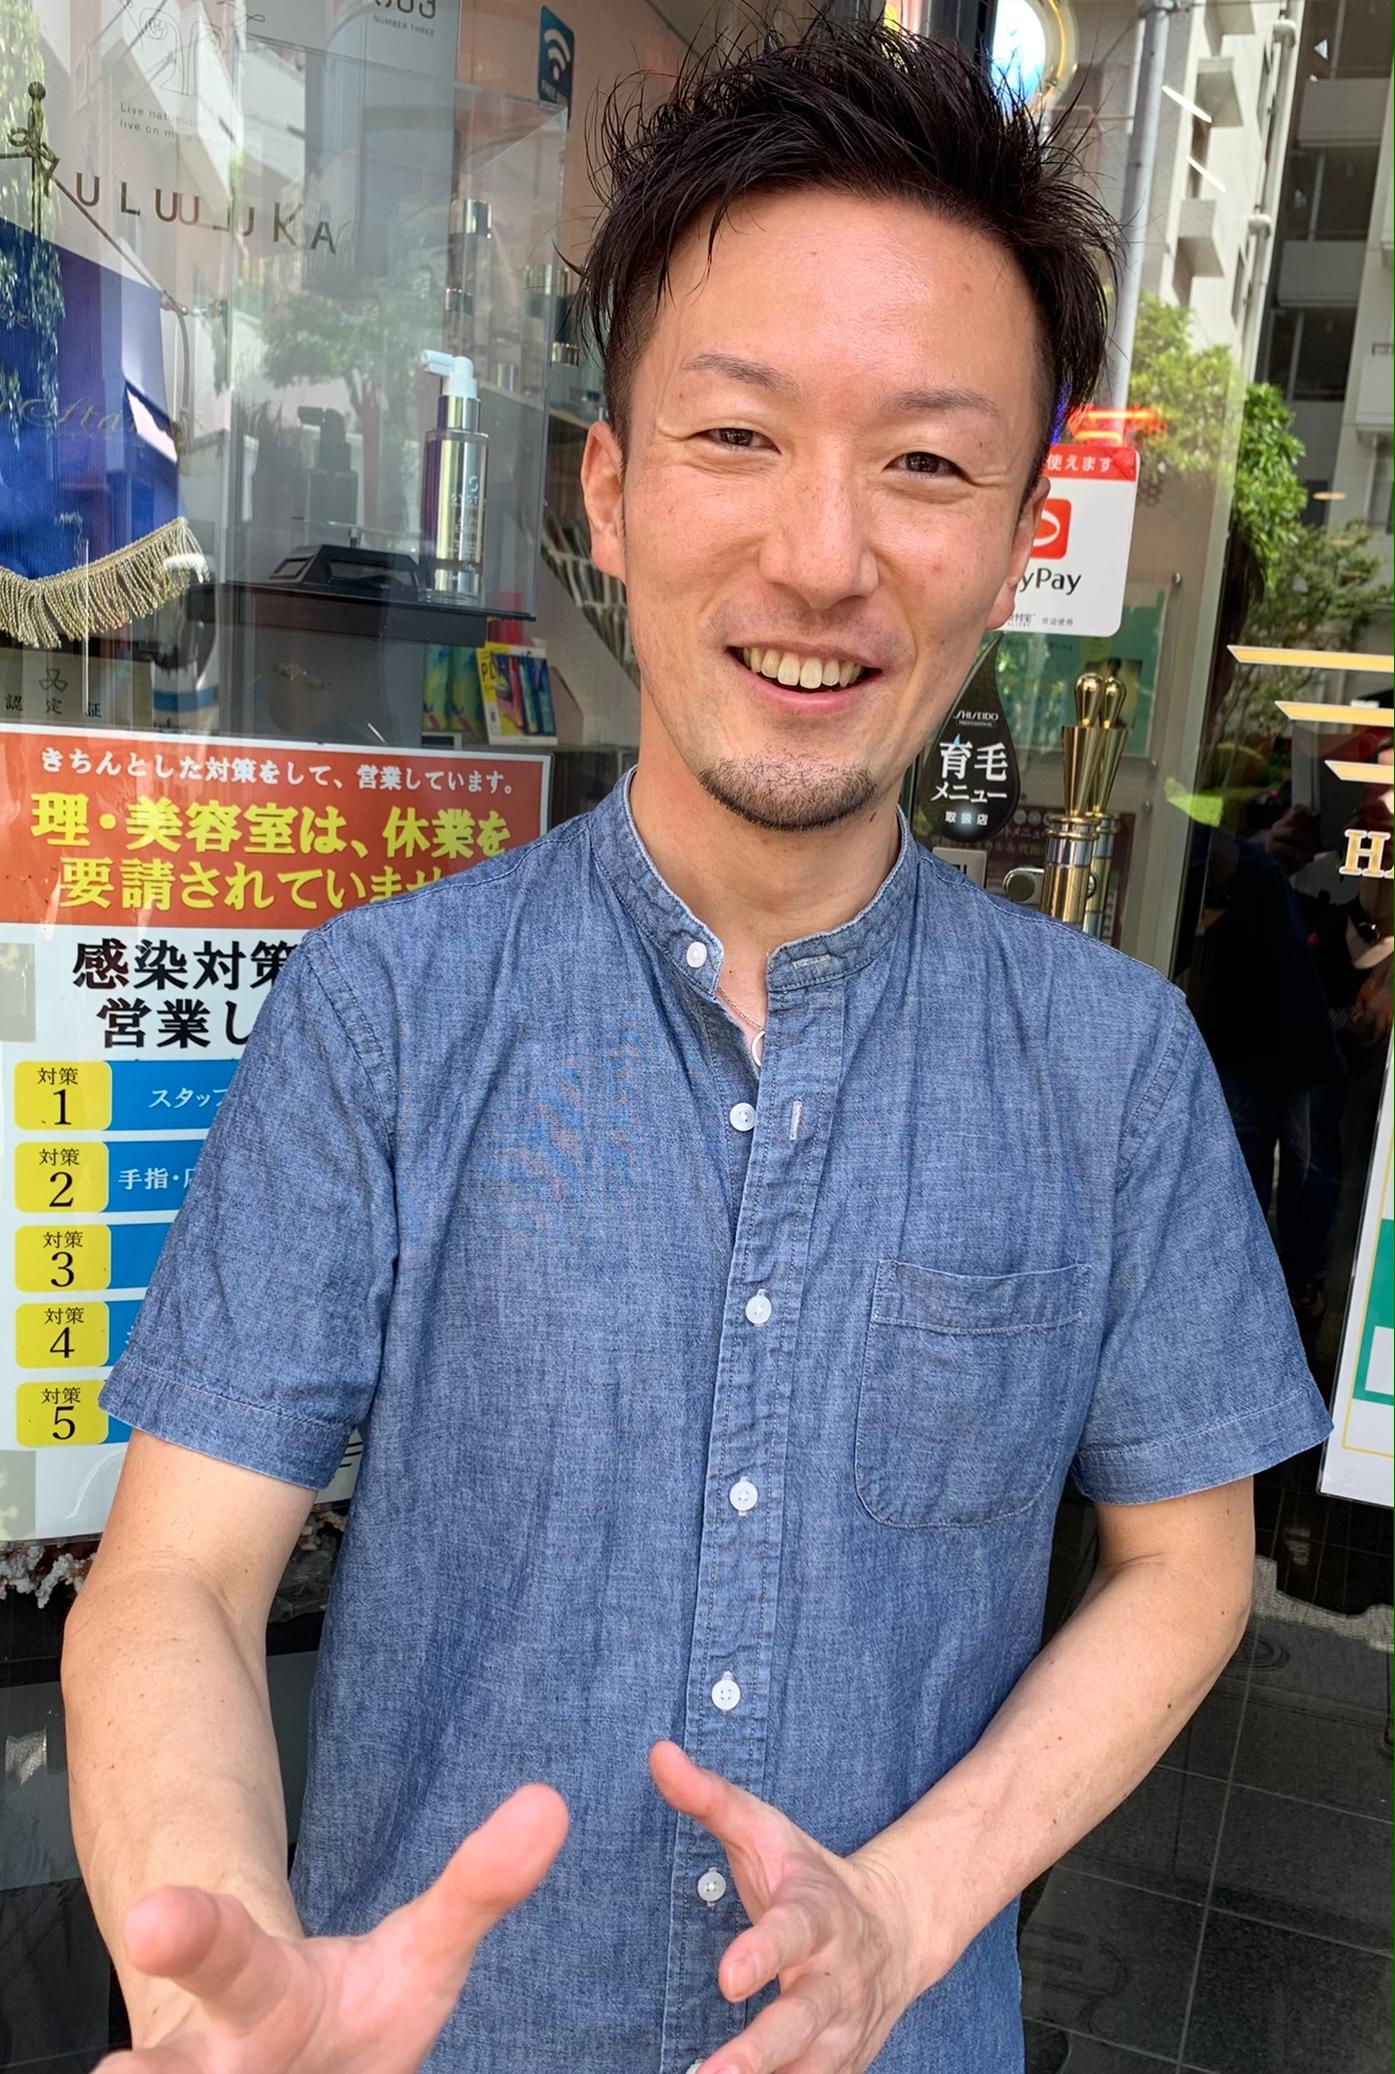 増田 康人